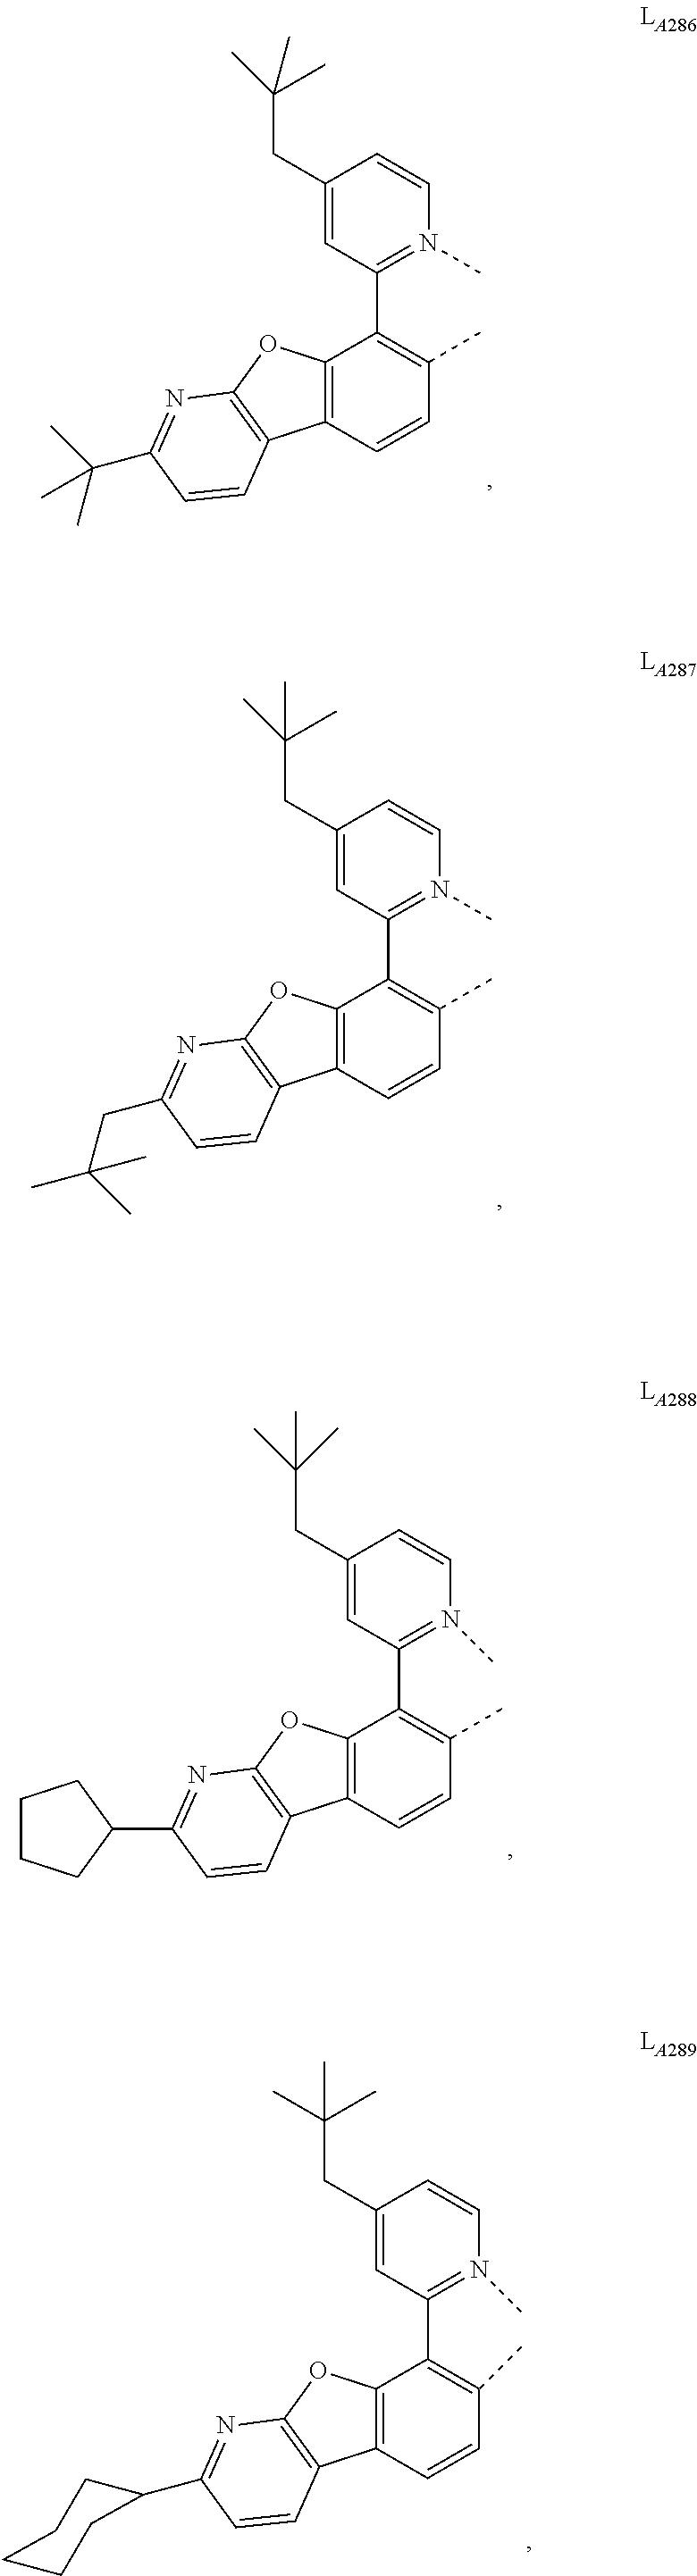 Figure US20160049599A1-20160218-C00076